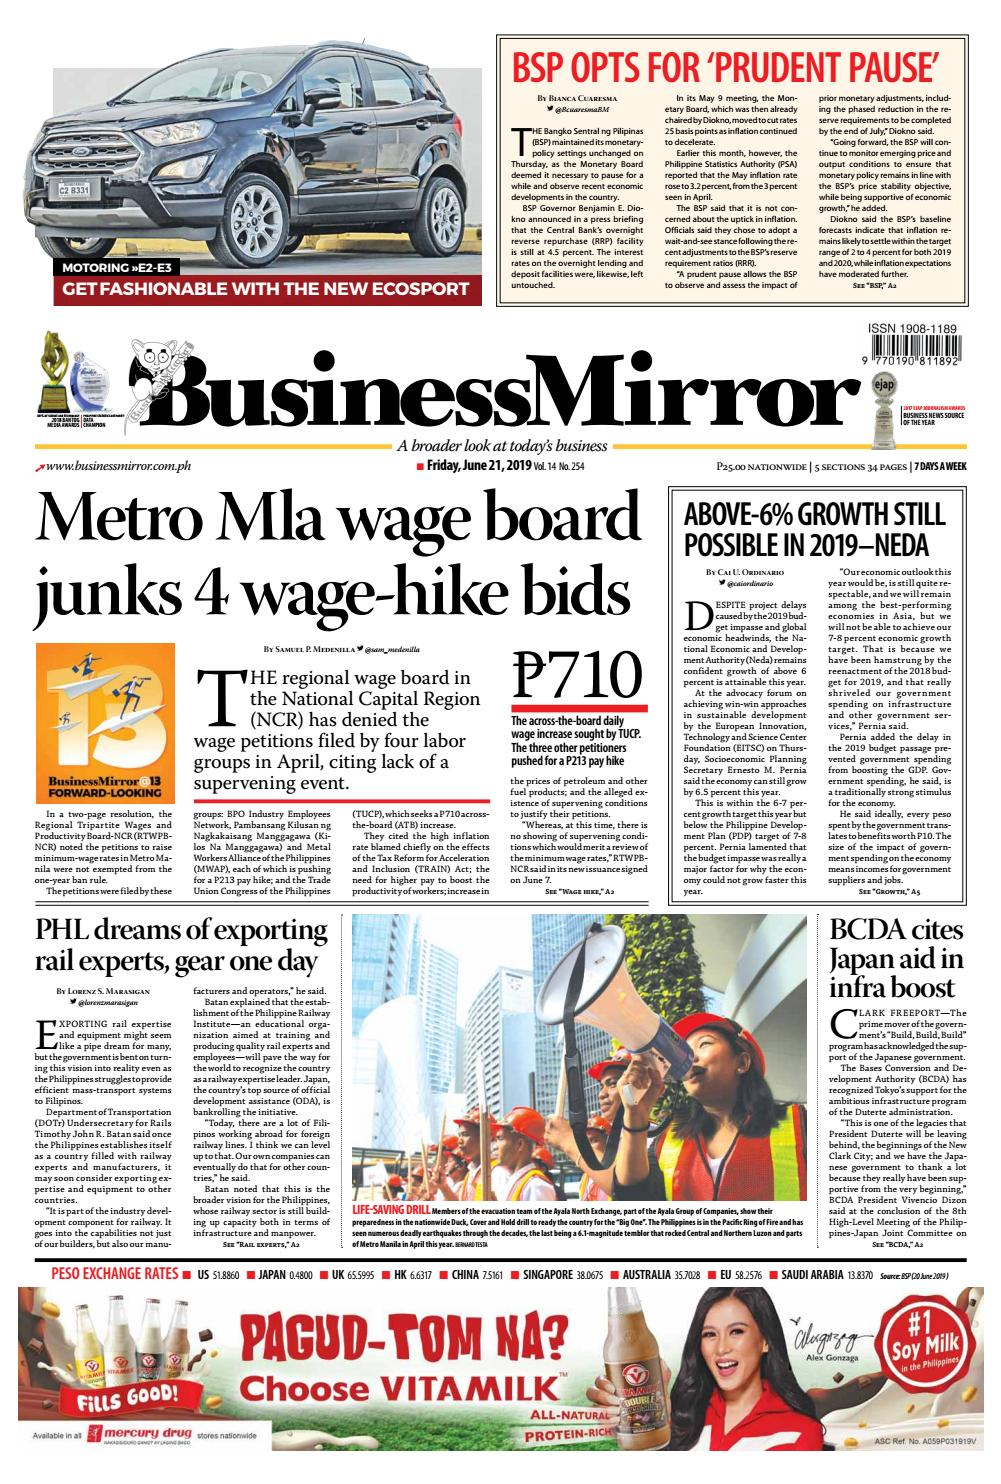 Businessmirror June 21, 2019 by BusinessMirror - issuu